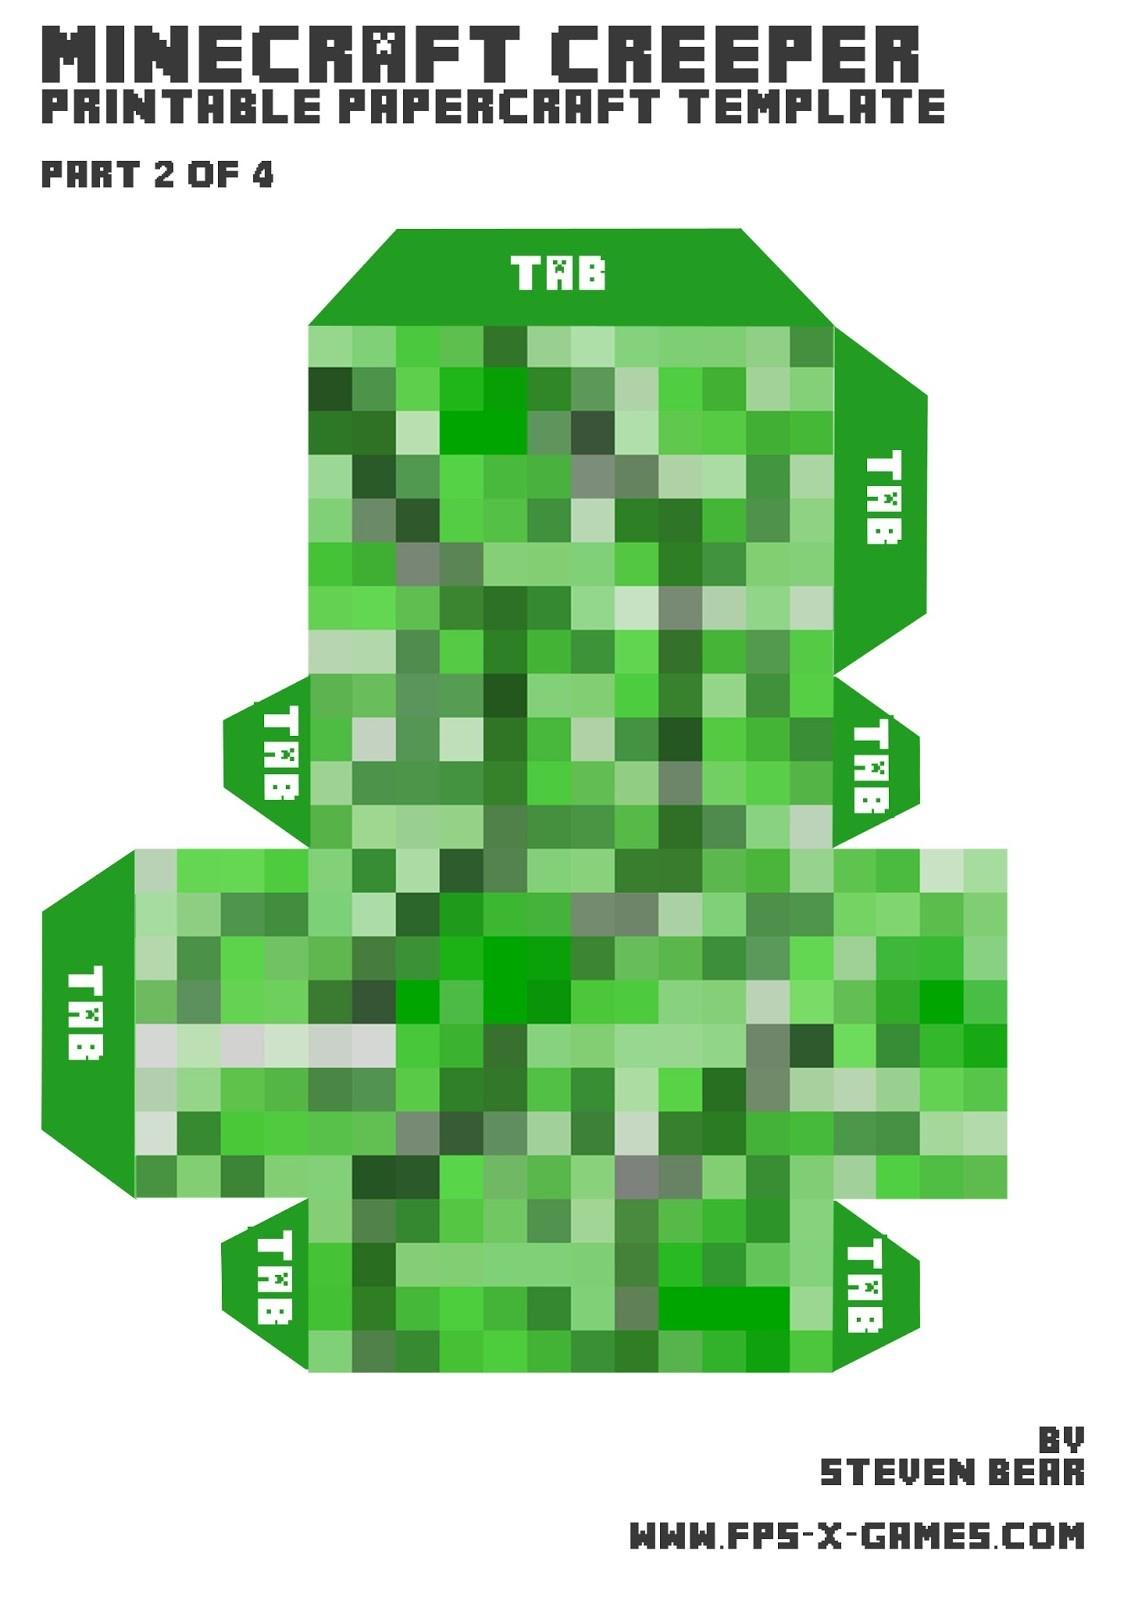 Papercraft Minecraft Edition Herstellung Einer Großen Kriechpflanze Mit Papercraft Gunook